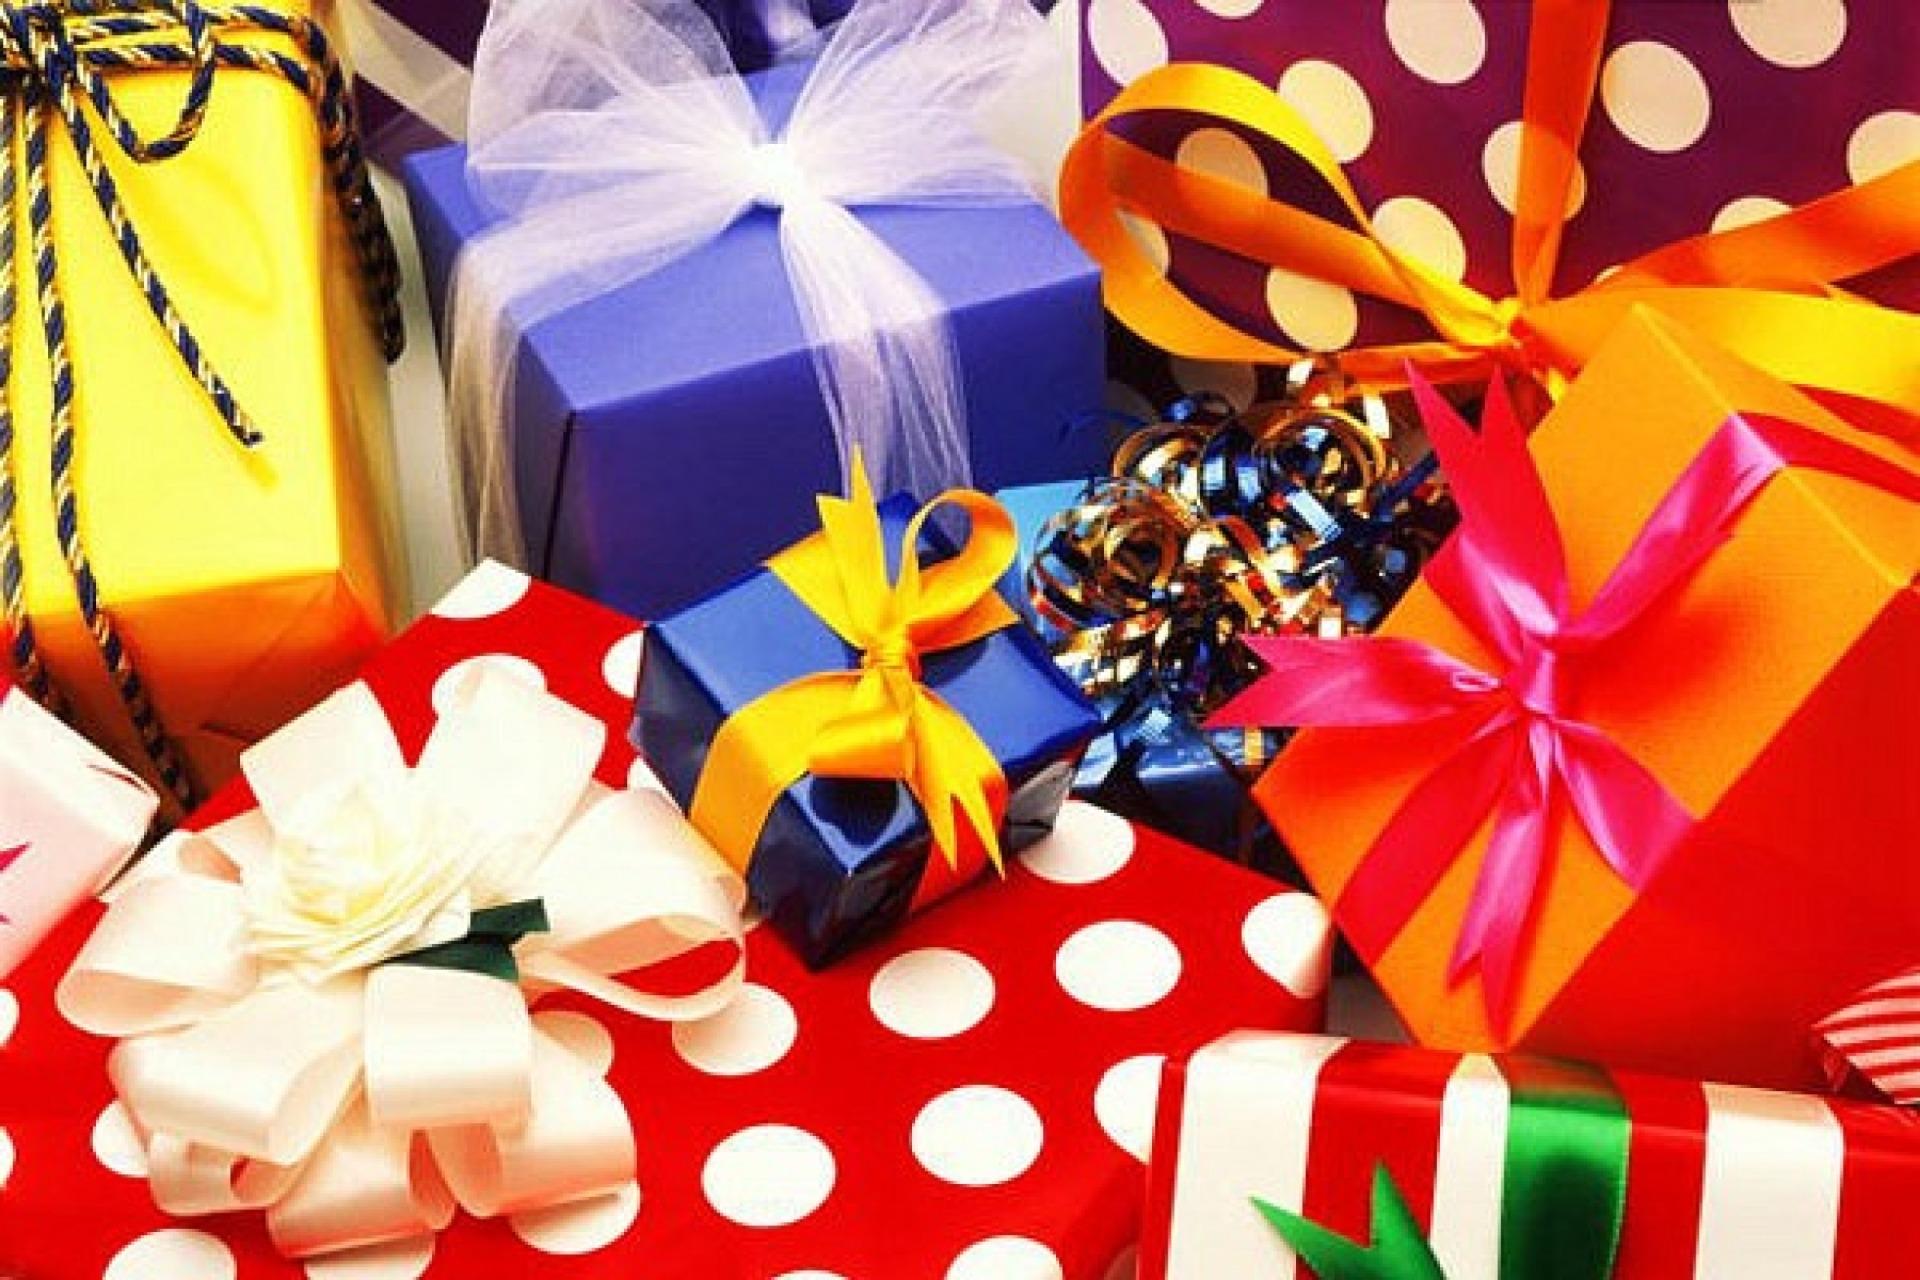 подарки на новый год,8 марта,23 февраля